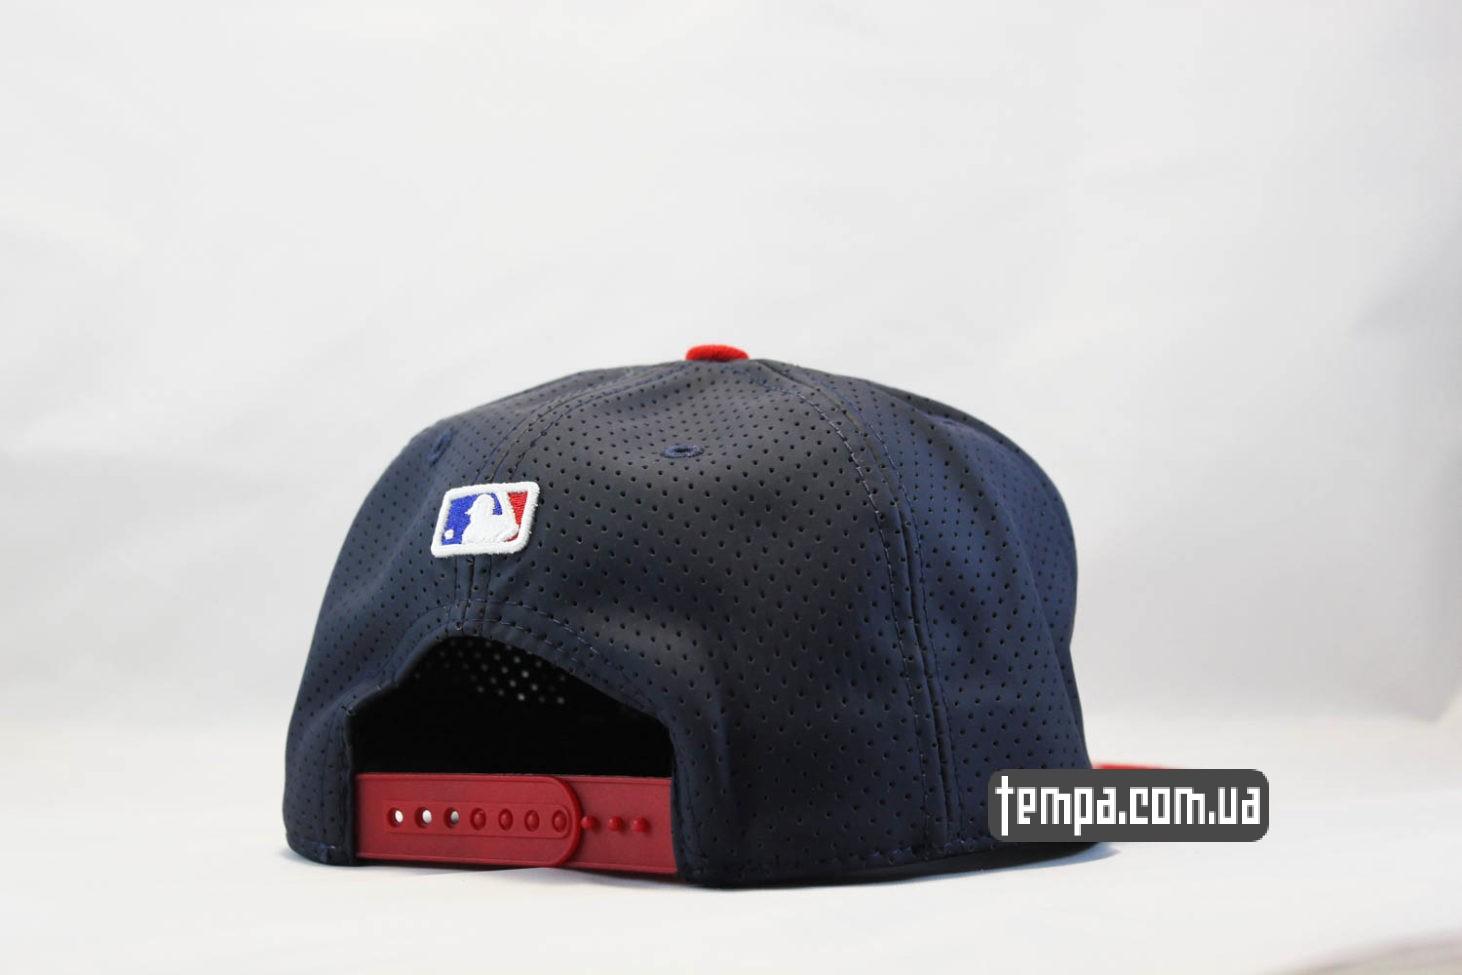 бейсбольная одежда где купить в киеве одесса кепка snapback atlanta braves trucker NEW ERA с сеткой